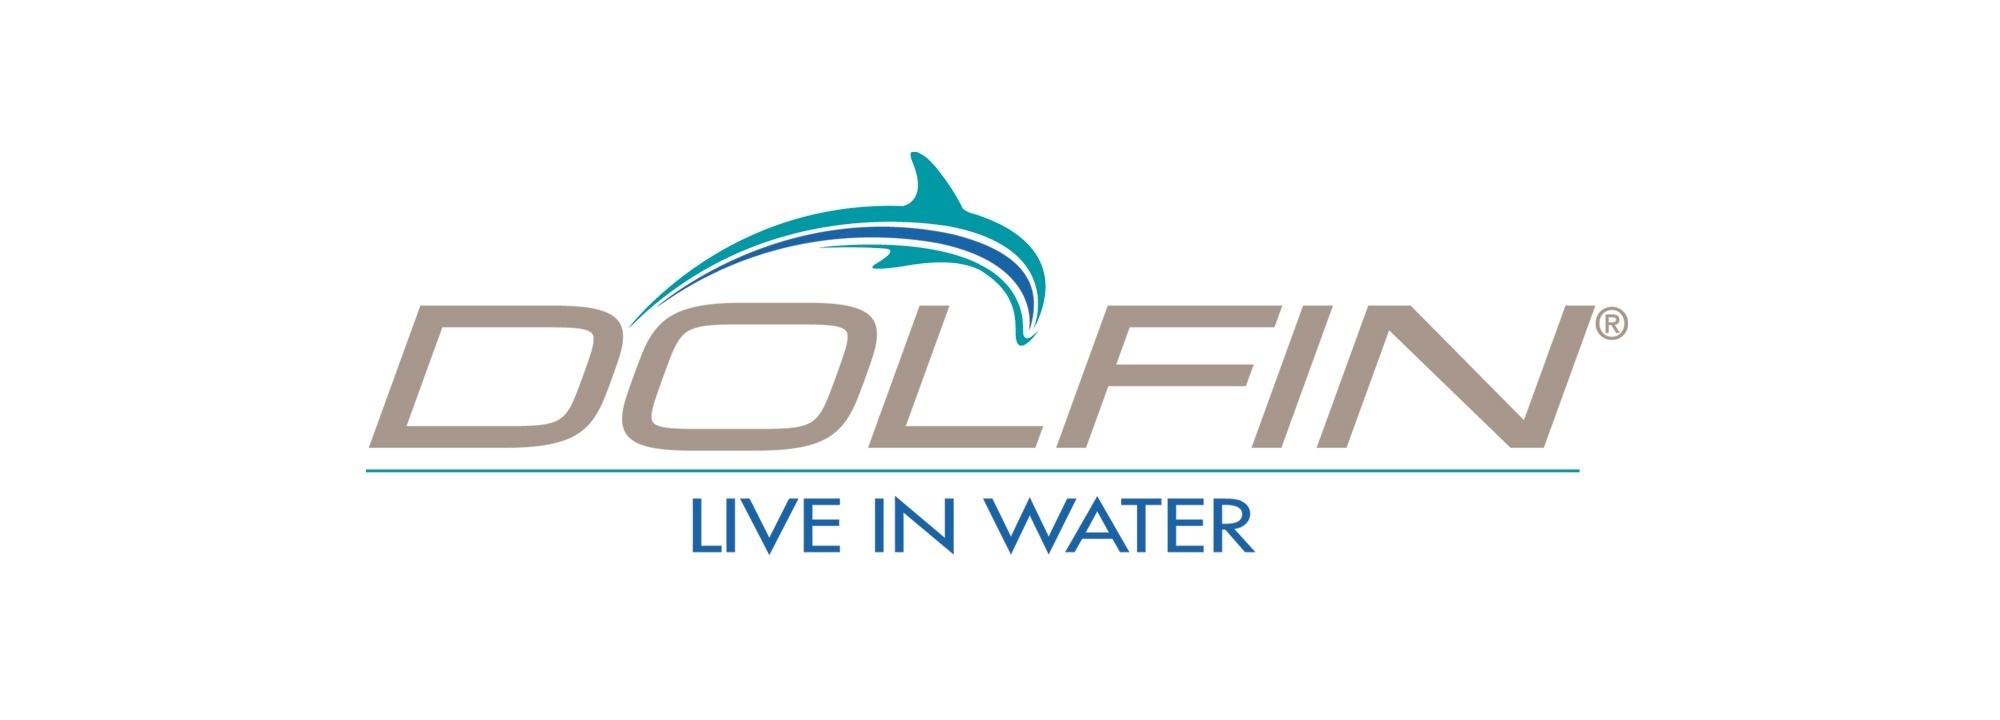 Dolfin Gains Momentum in Swimwear Market, Launching Brand's New Look